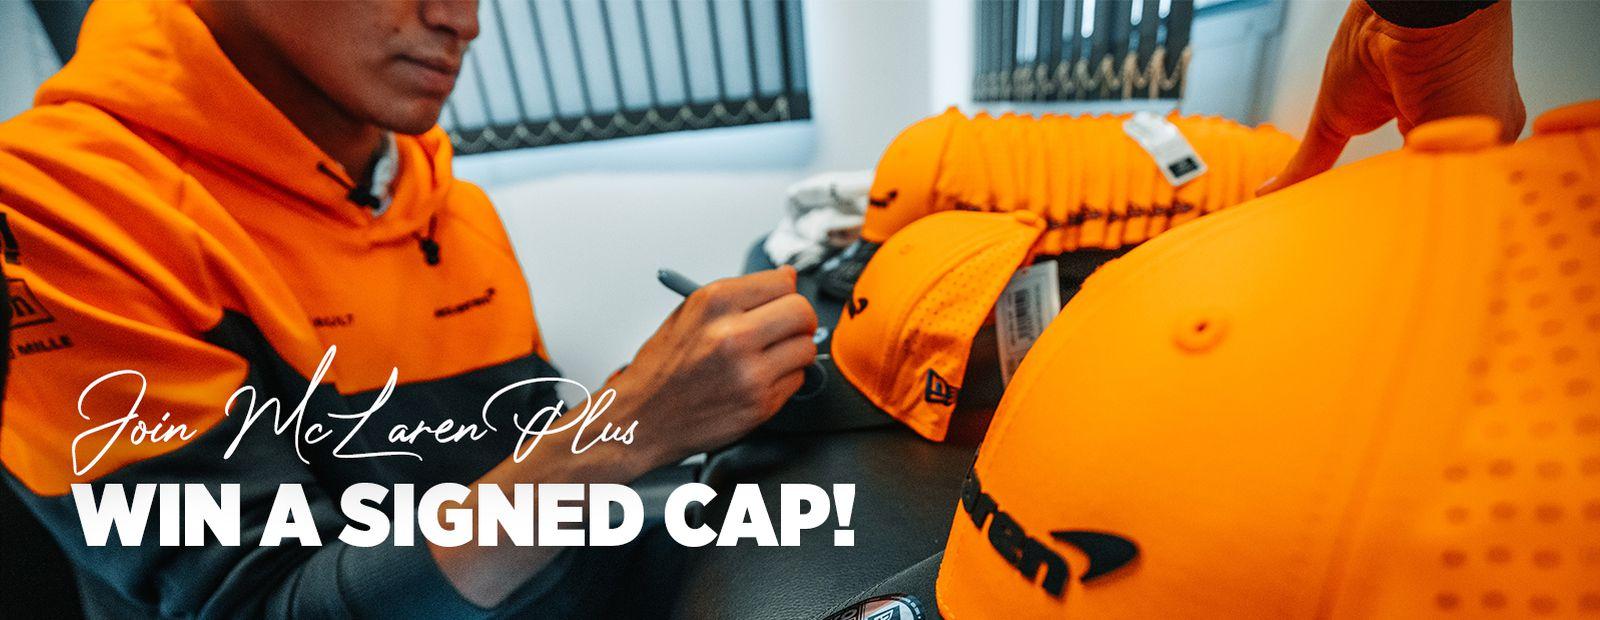 Win a signed cap